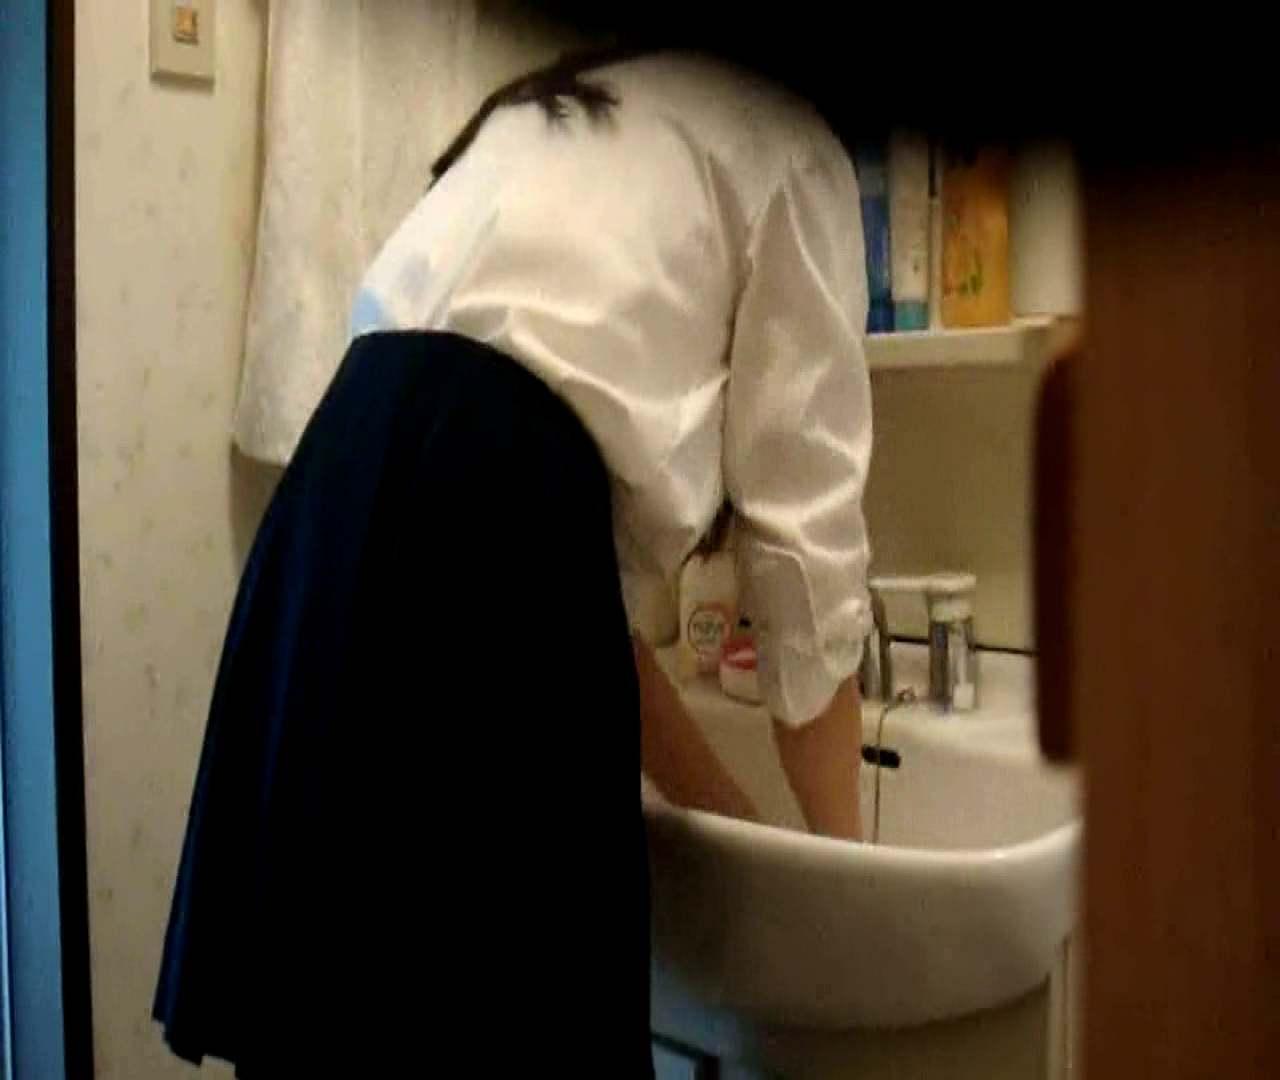 二人とも育てた甲斐がありました… vol.05 まどかが洗顔後にブラを洗濯 盗撮シリーズ | おまんこ見放題  79PIX 55